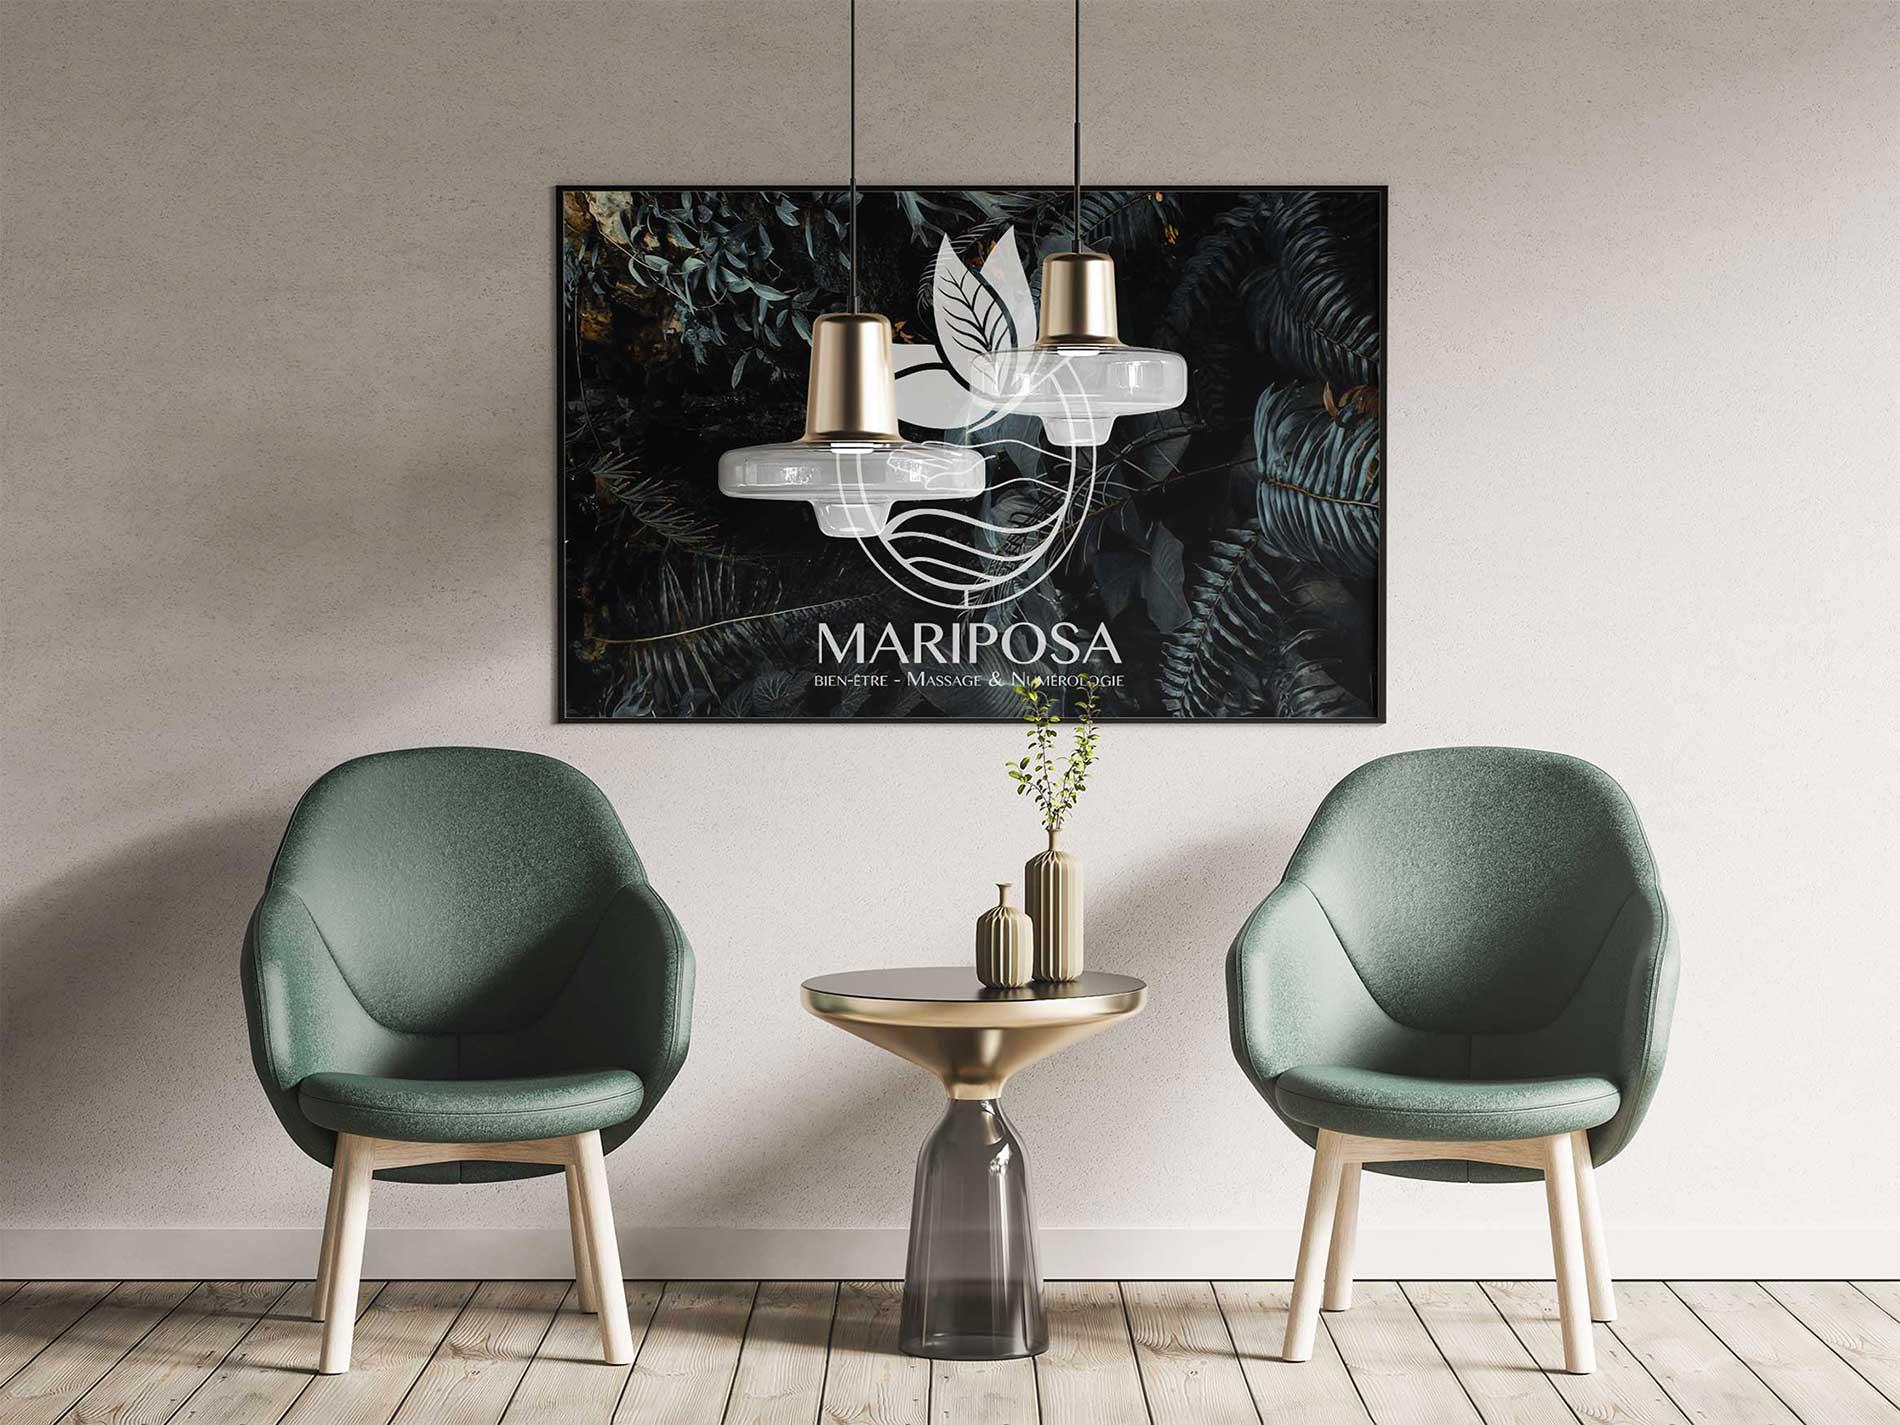 chaises-vertes-mariposa-capbreton-bienetre-numerologie-massage-energie-equilibre-landes-nature-salledattente